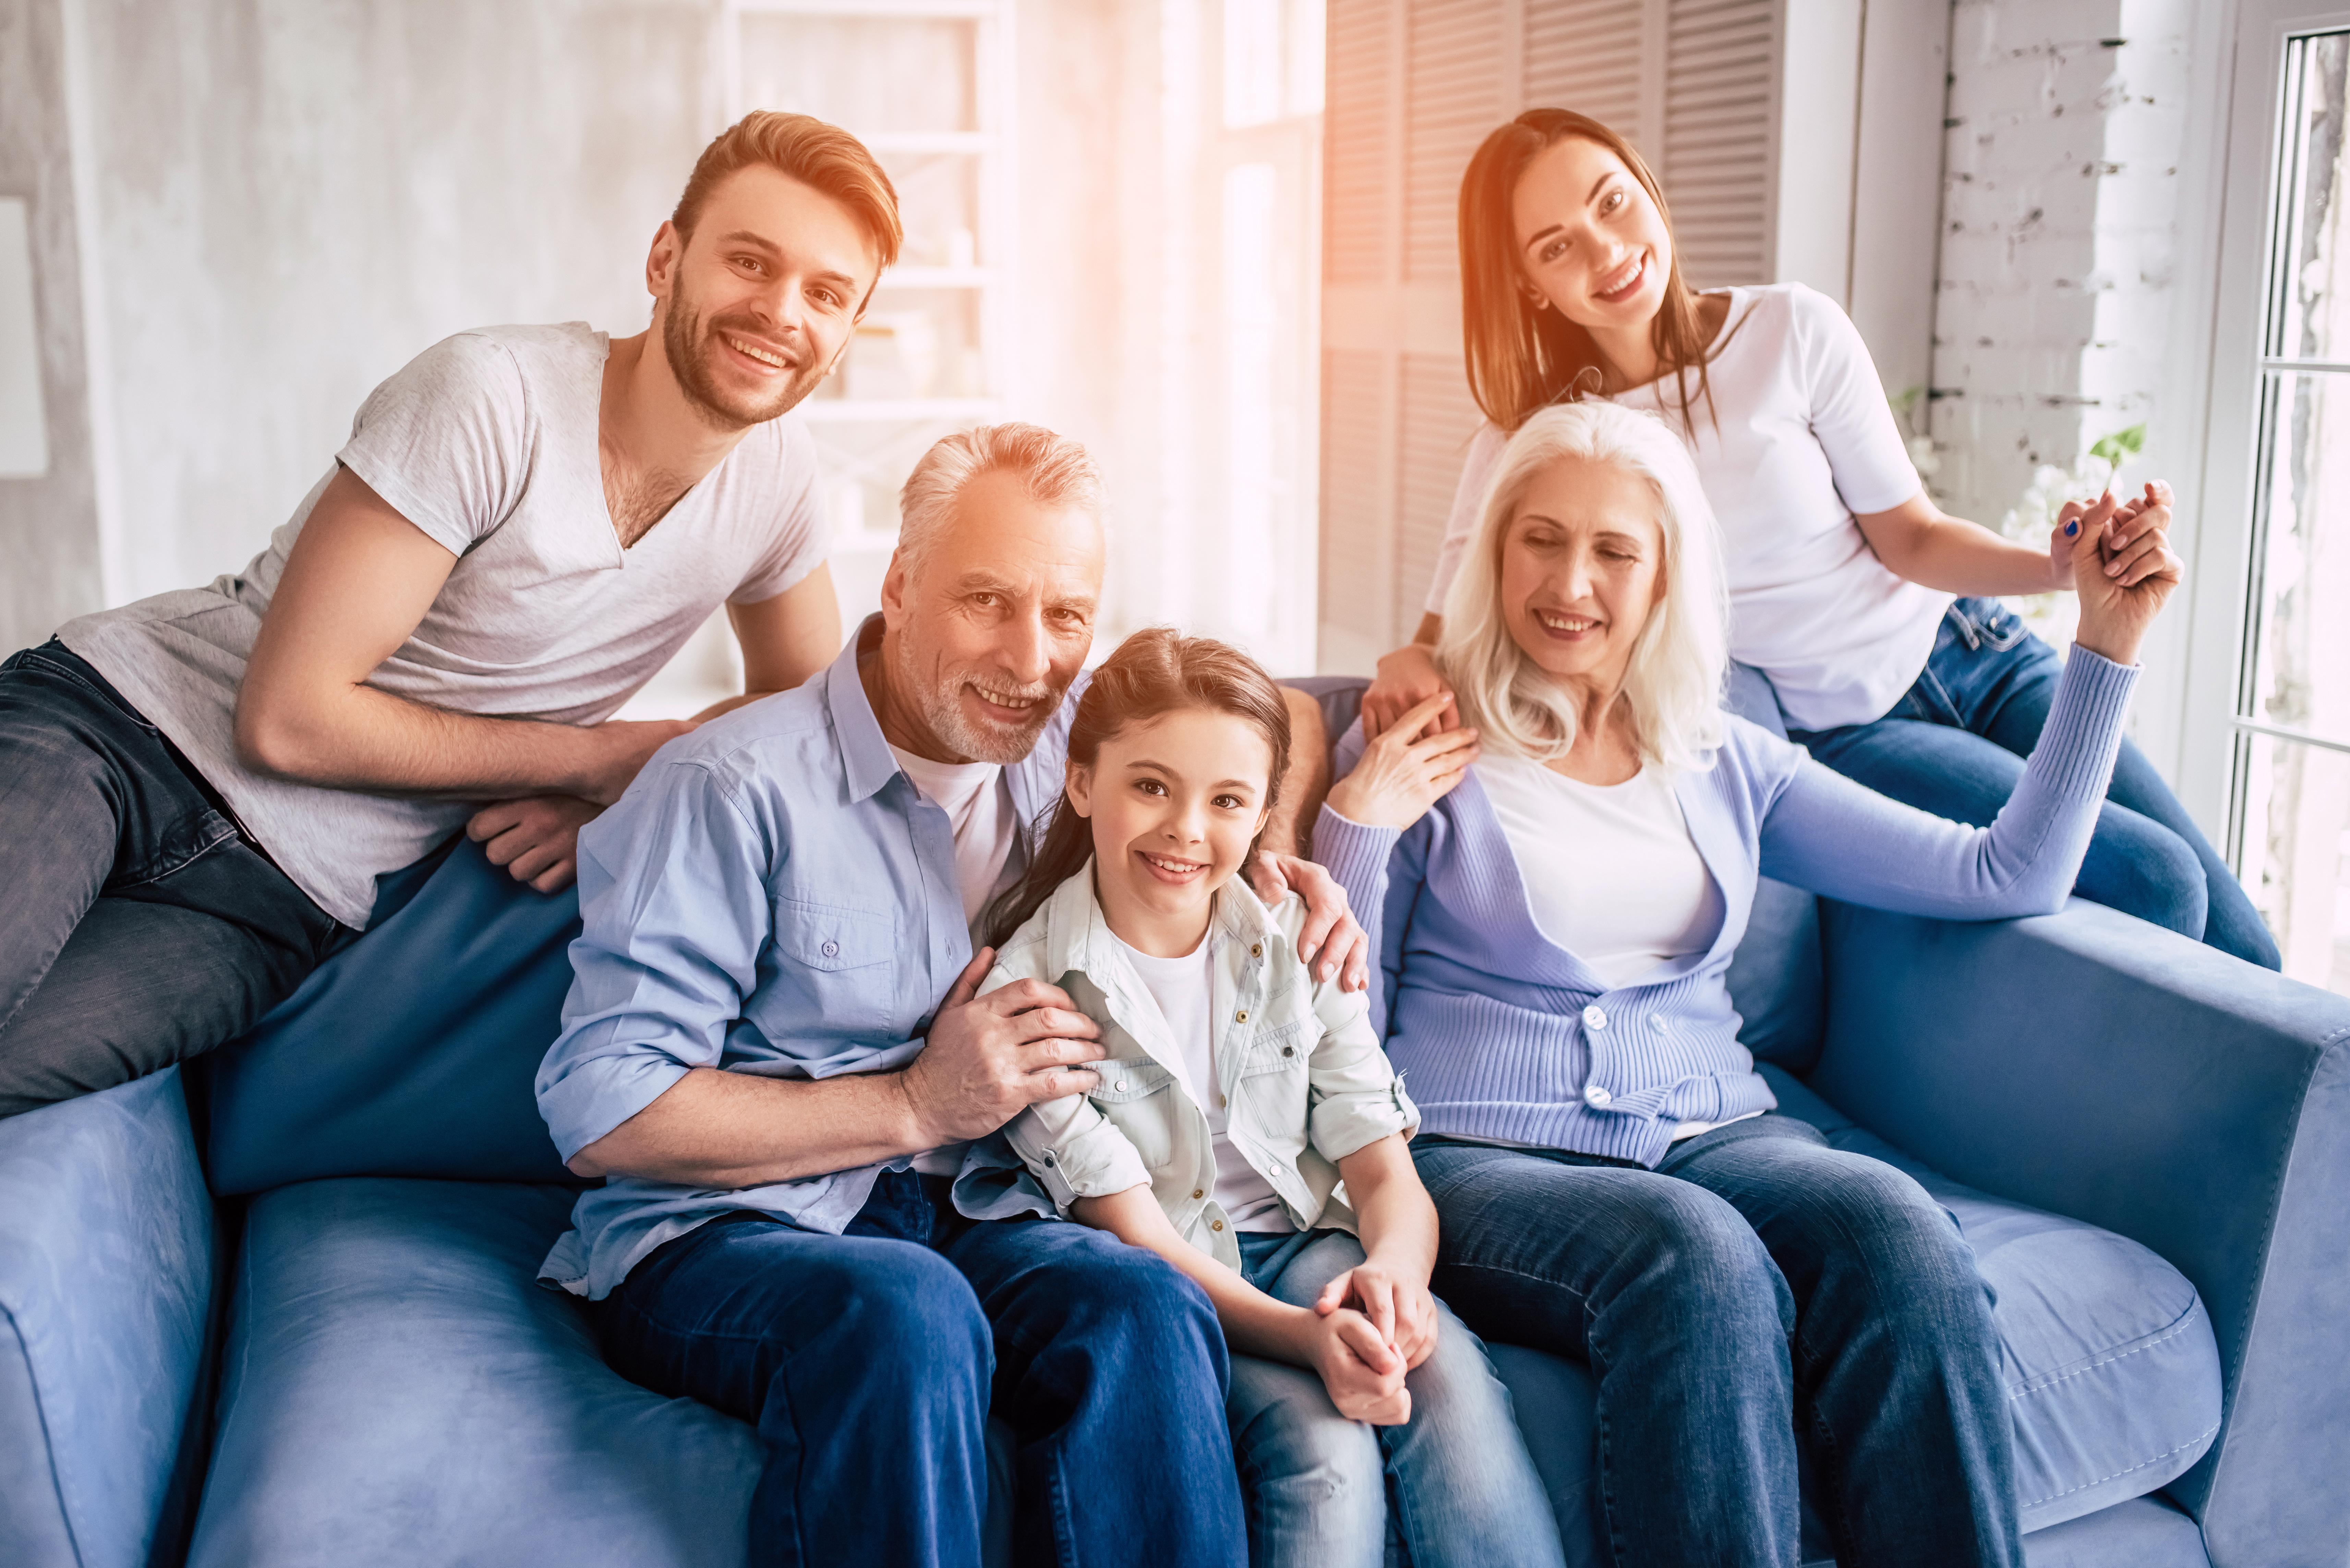 Воссоединение семьи как способ получить ВНЖ и ПМЖ Италии